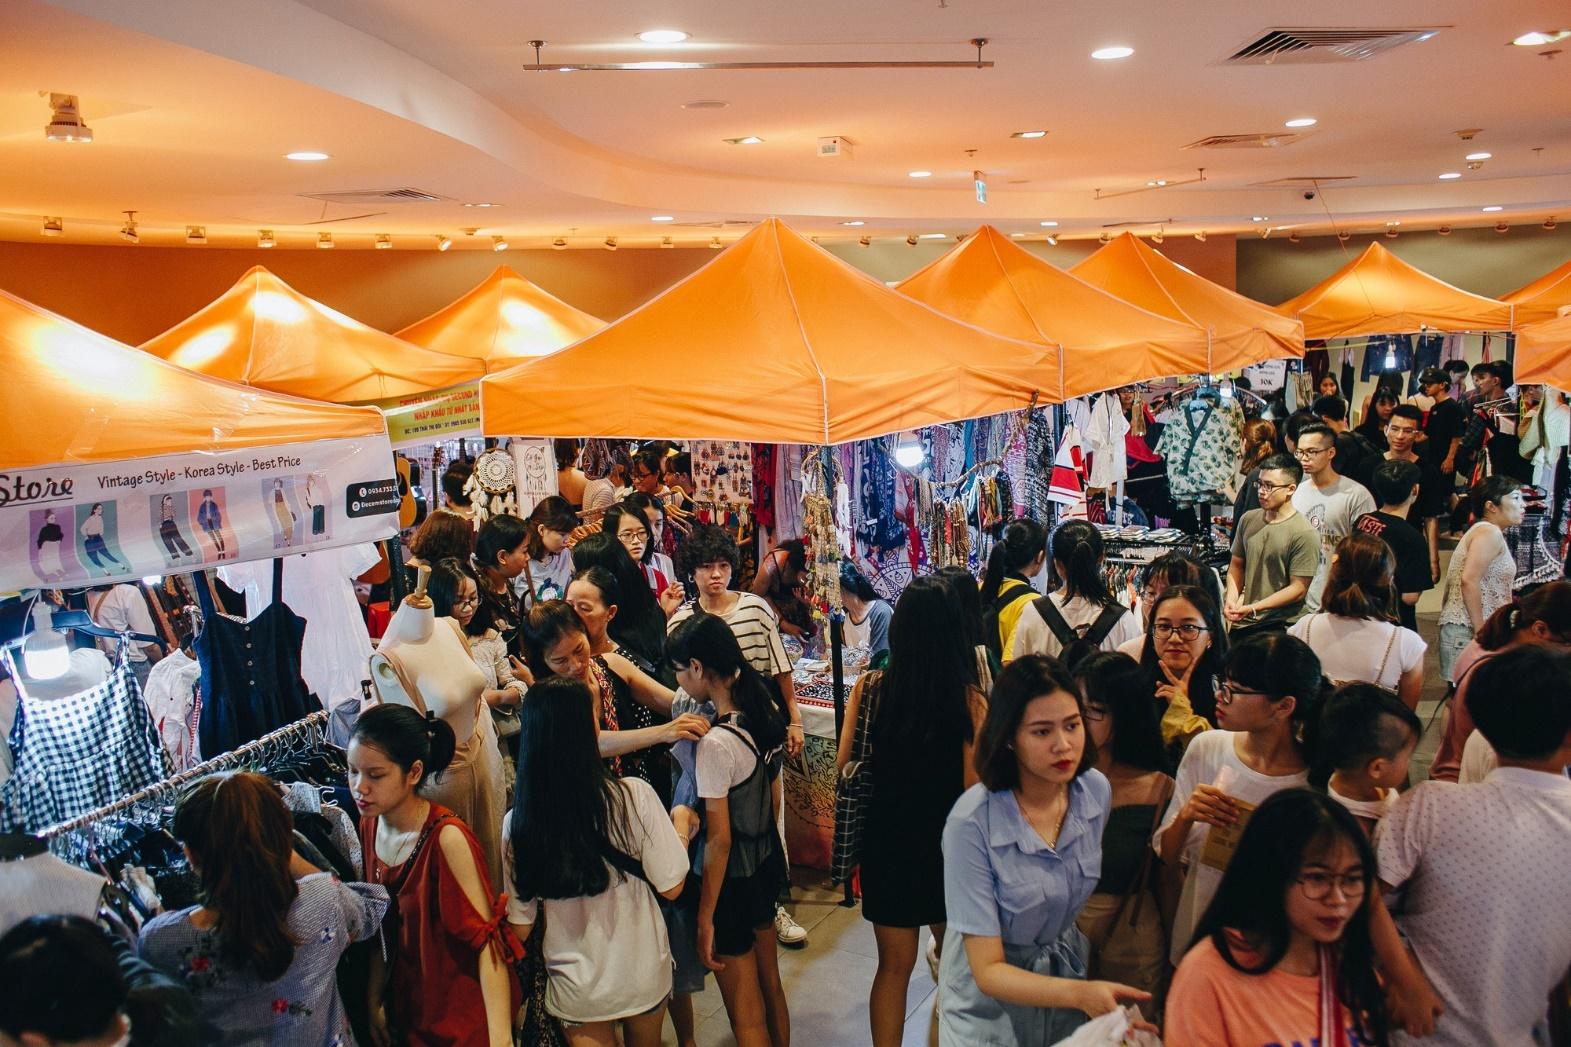 Lâu lắm rồi, Đà Nẵng mới có một chợ phiên khiến giới trẻ chờ mong đến thế này! - Ảnh 6.